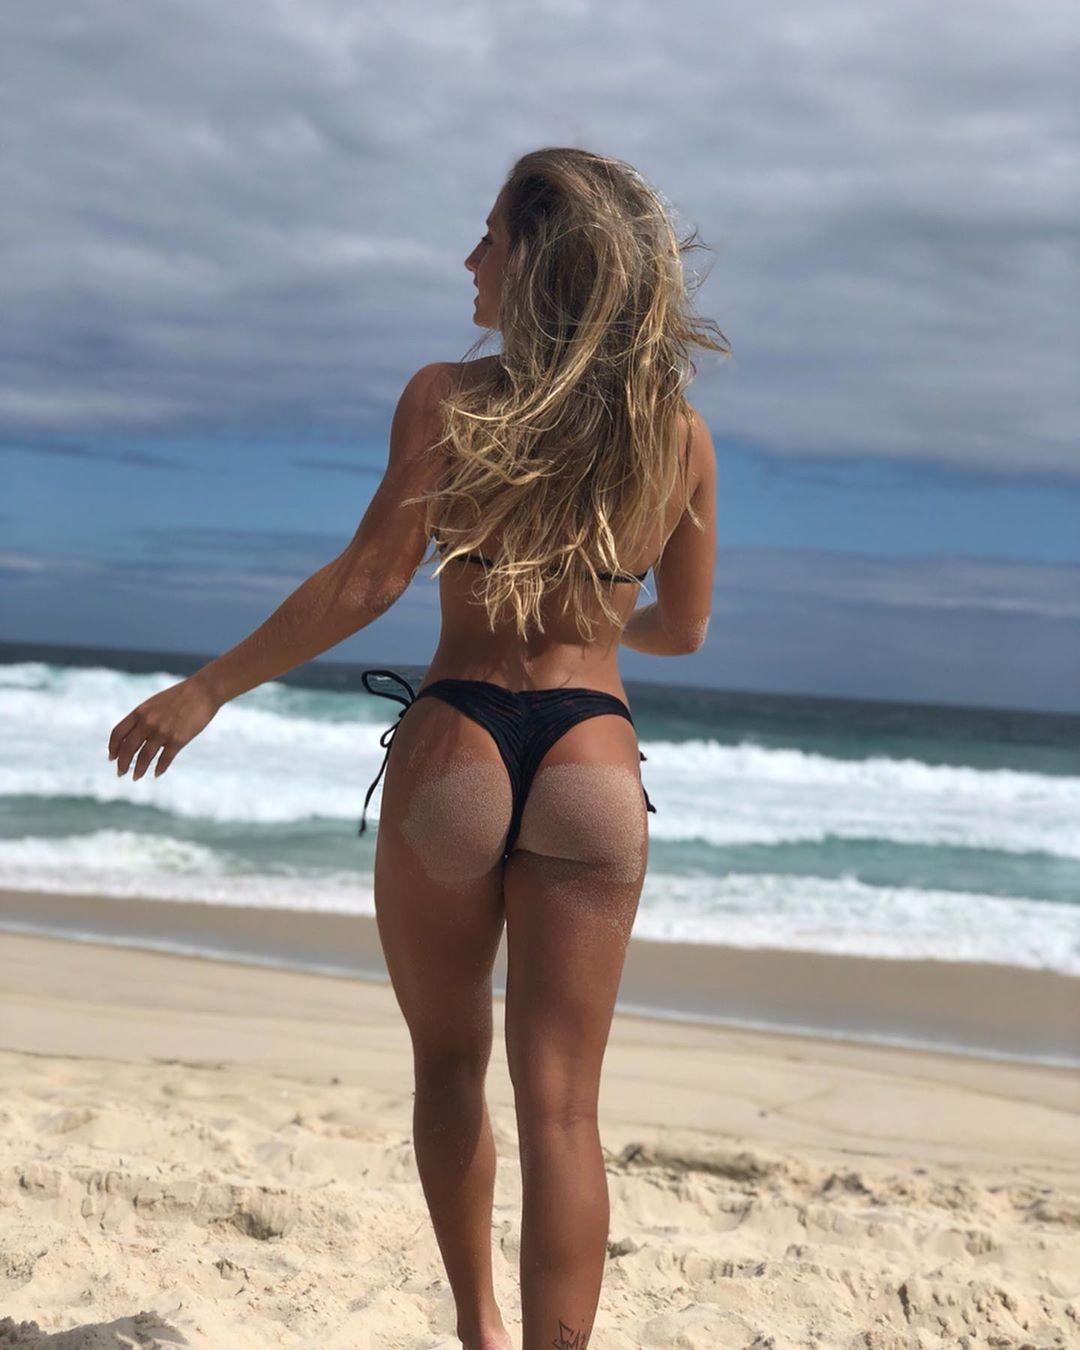 """Bruna Griphao posa de biquíni e exibe boa forma em praia e impressiona fãs:  """"Você tem algum defeito?"""" - Vogue   celebridade"""